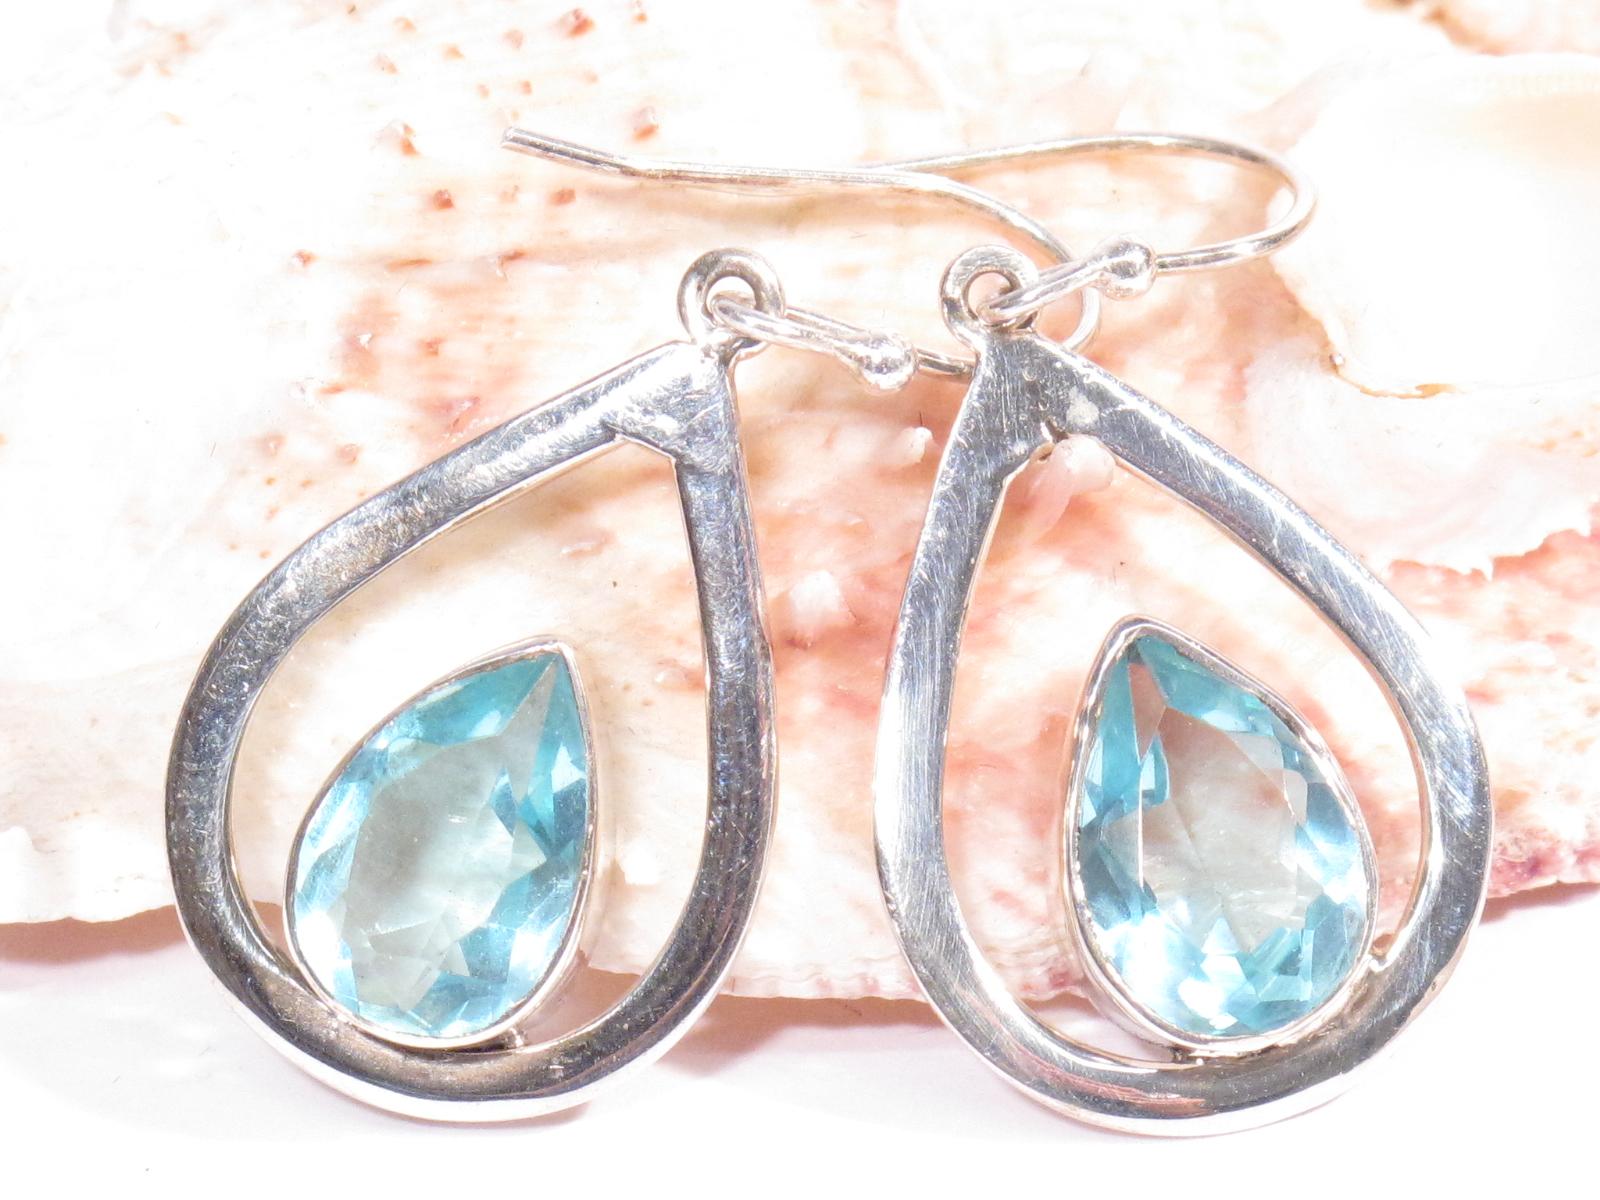 Orecchini in argento e topazio azzurro